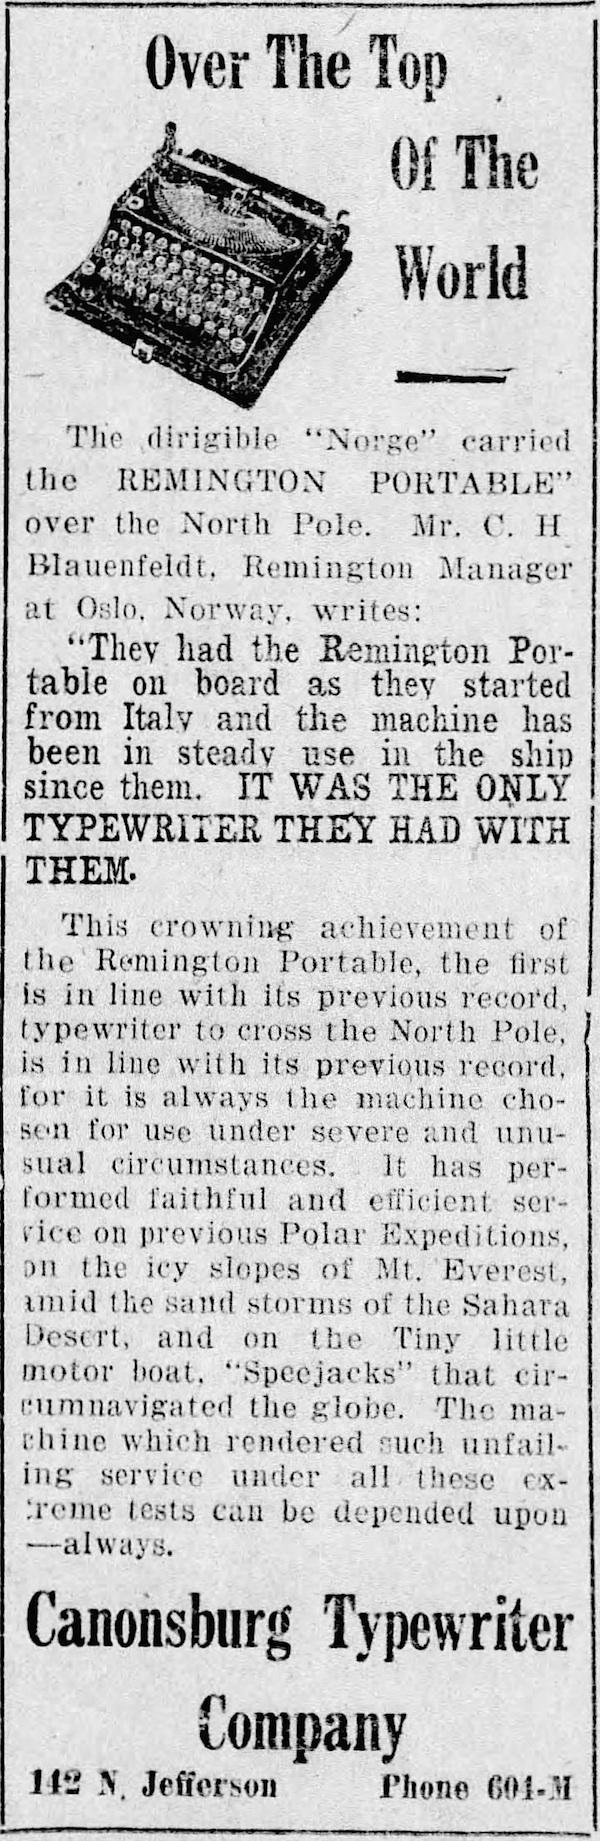 The Daily Notes (Canonsburg, Pennsylvania), Jun 1, 1926